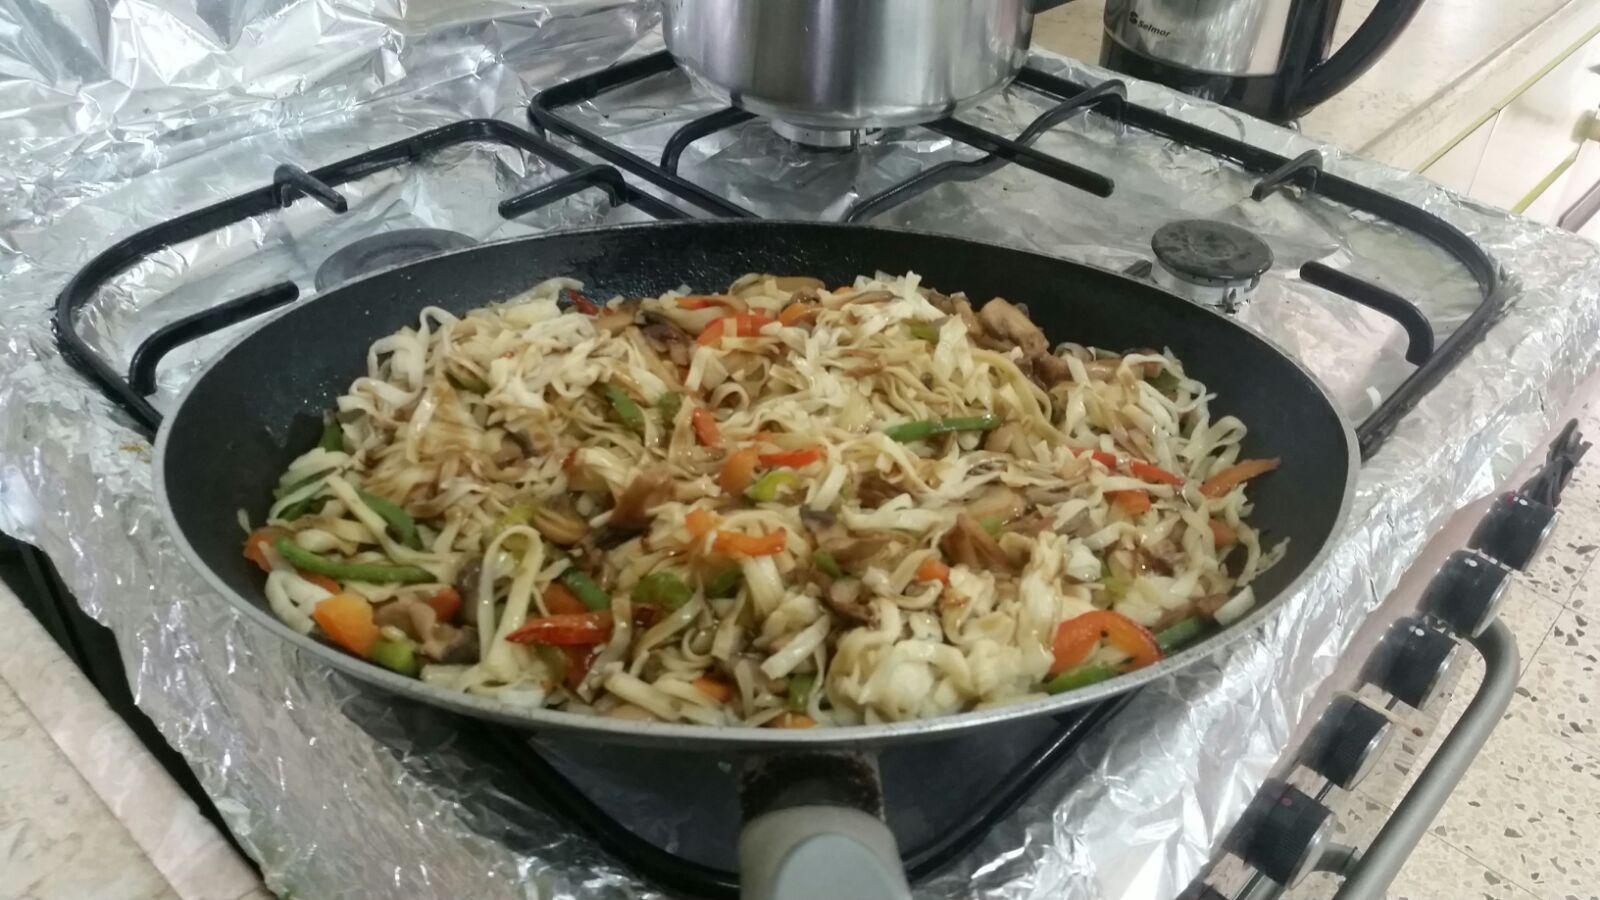 אטריות אורז מלא עם לקט ירקות סיני וטופו